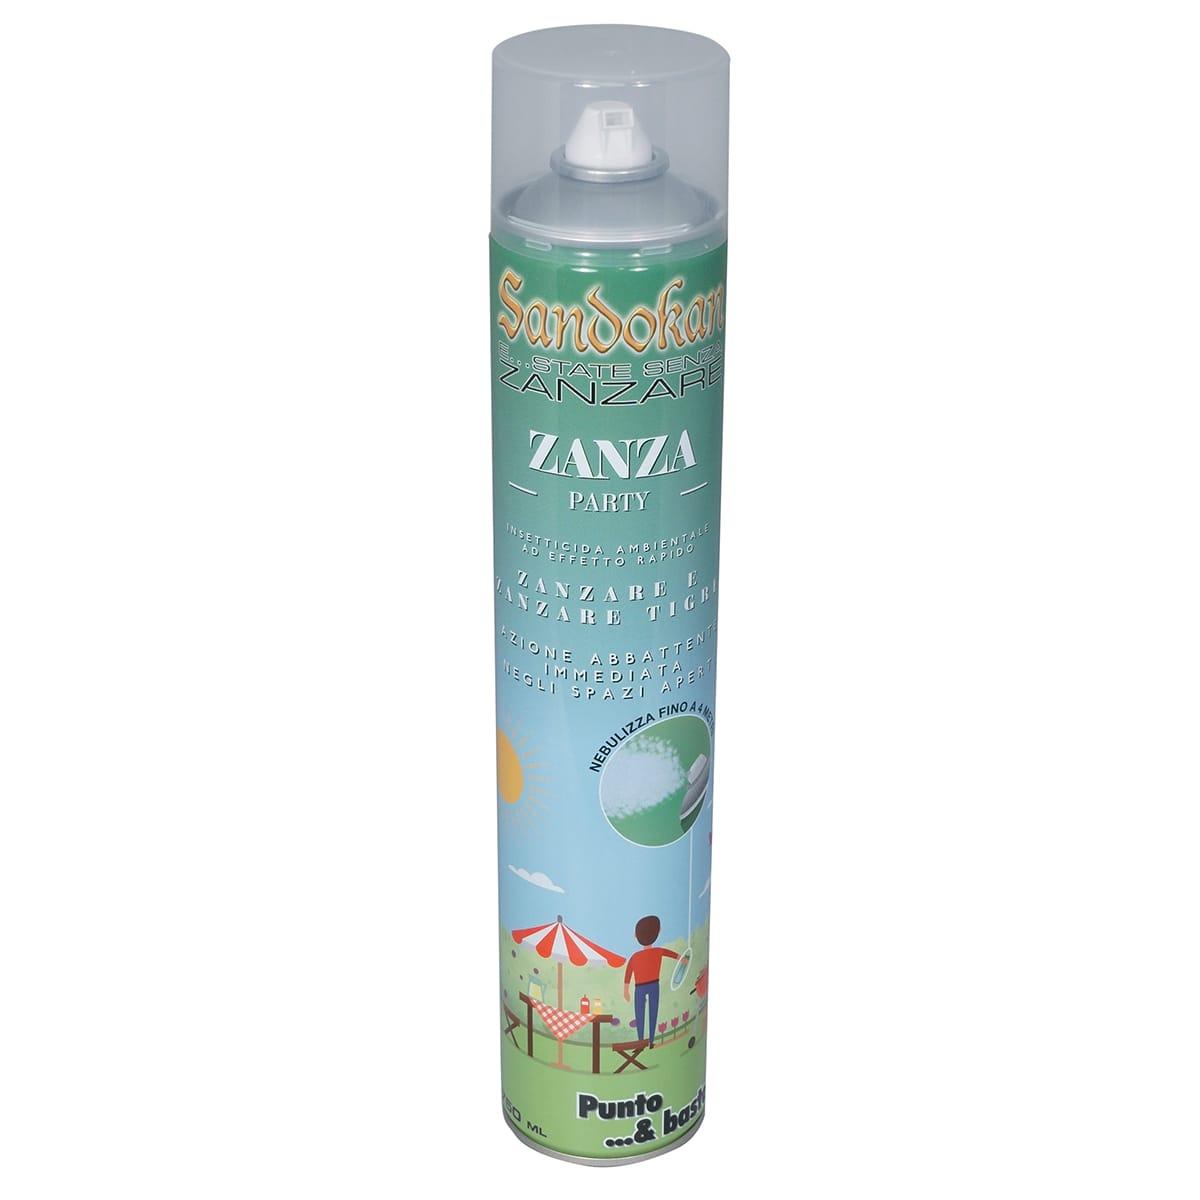 Repellente Naturale Per Vespe insetticida spray per zanzare, calabroni sandokan zanza party 750